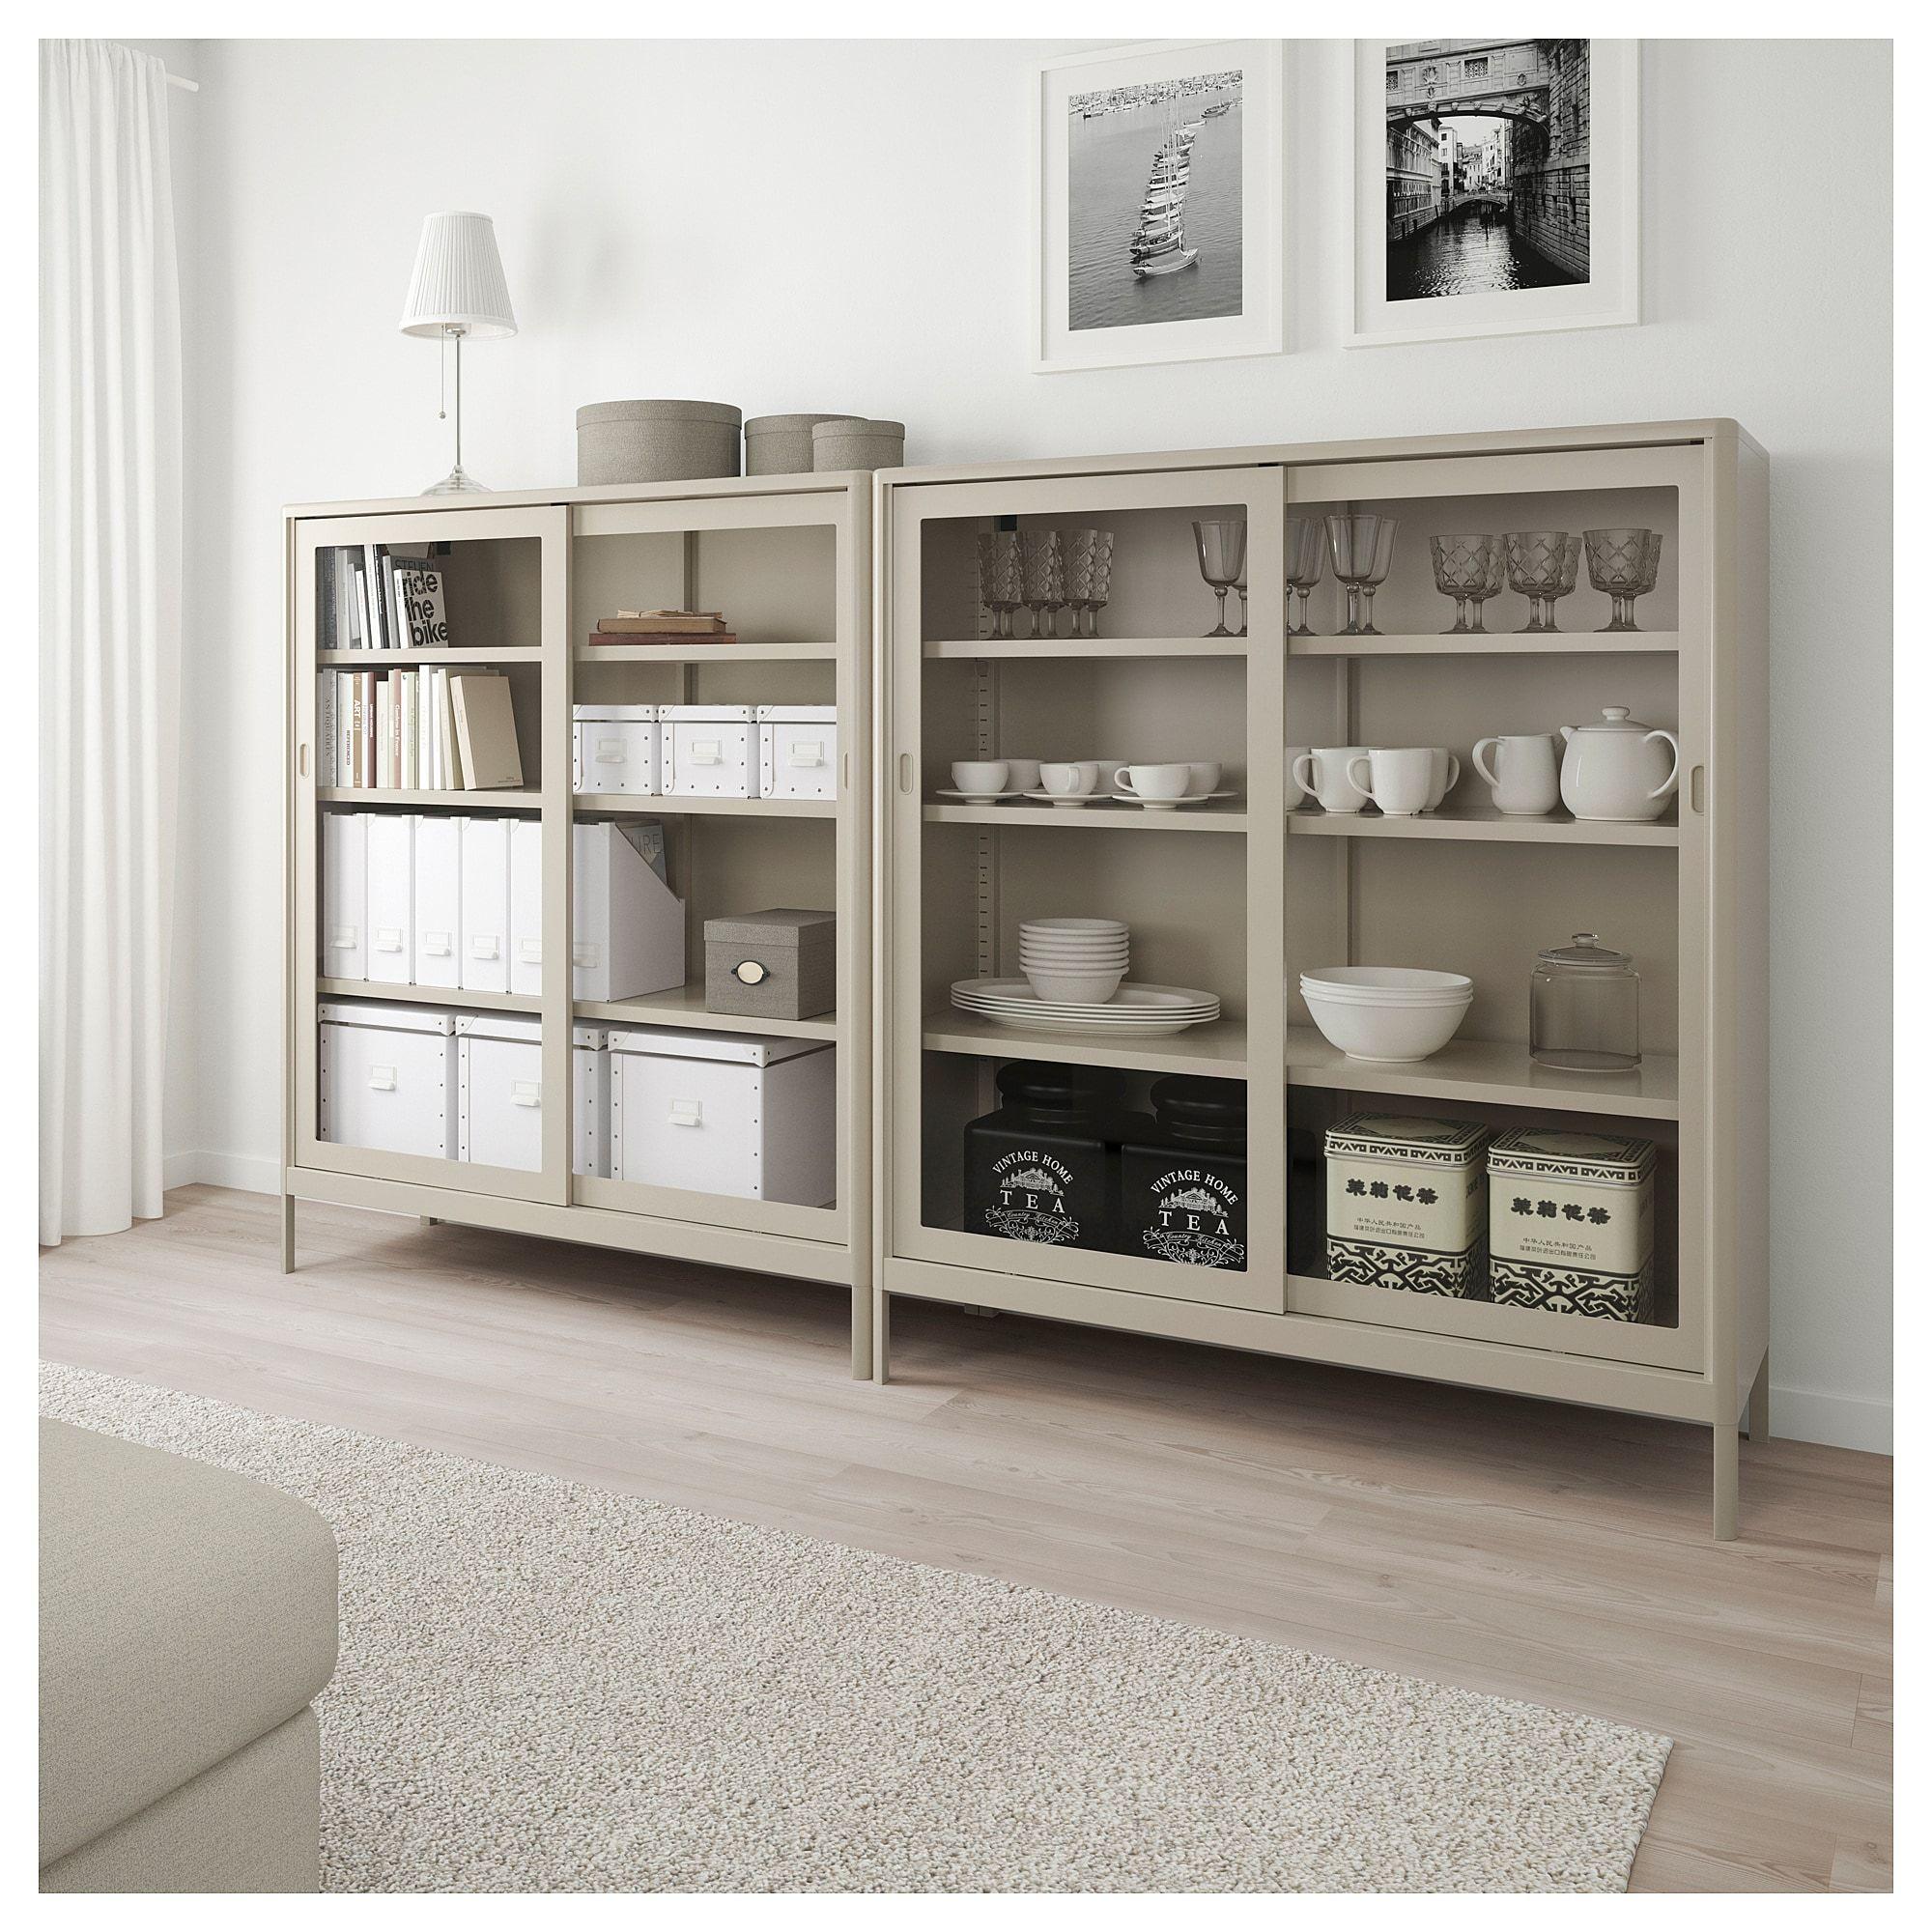 Idasen Vitrine Mit Schiebeturen Beige Ikea Deutschland Dining Room Storage Glass Cabinet Doors Home